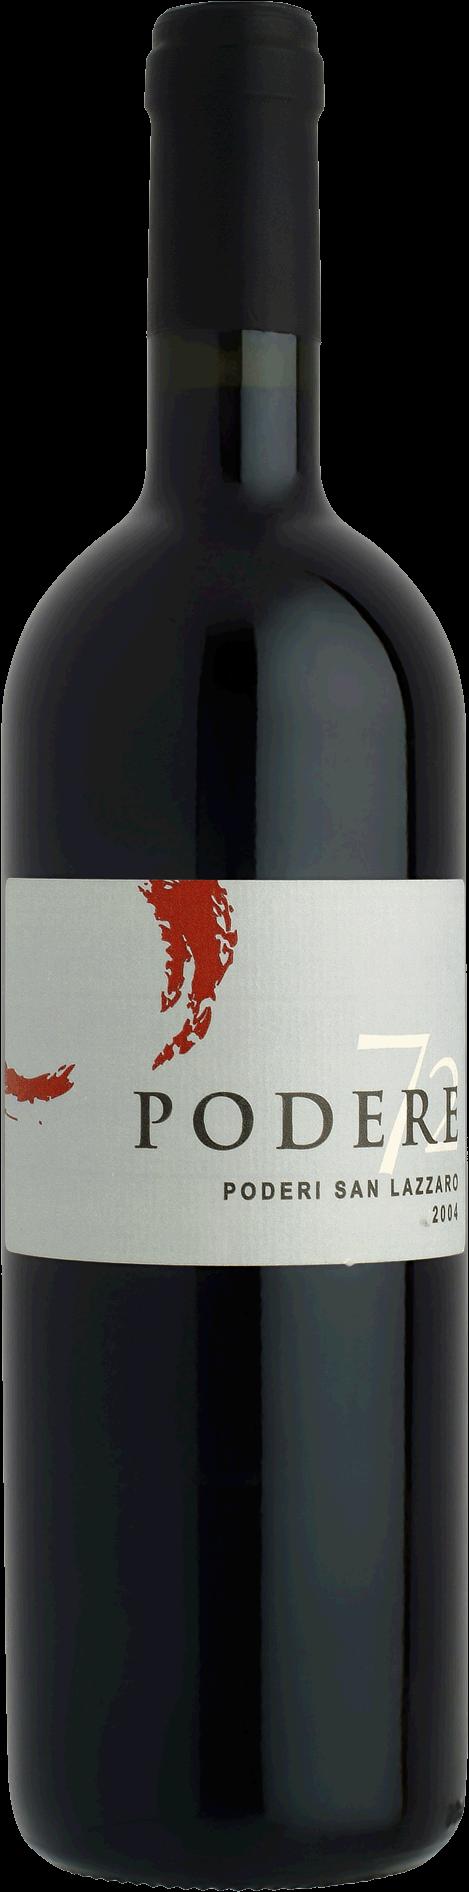 Podere 72 Rosso Piceno Superiore Doc 2014